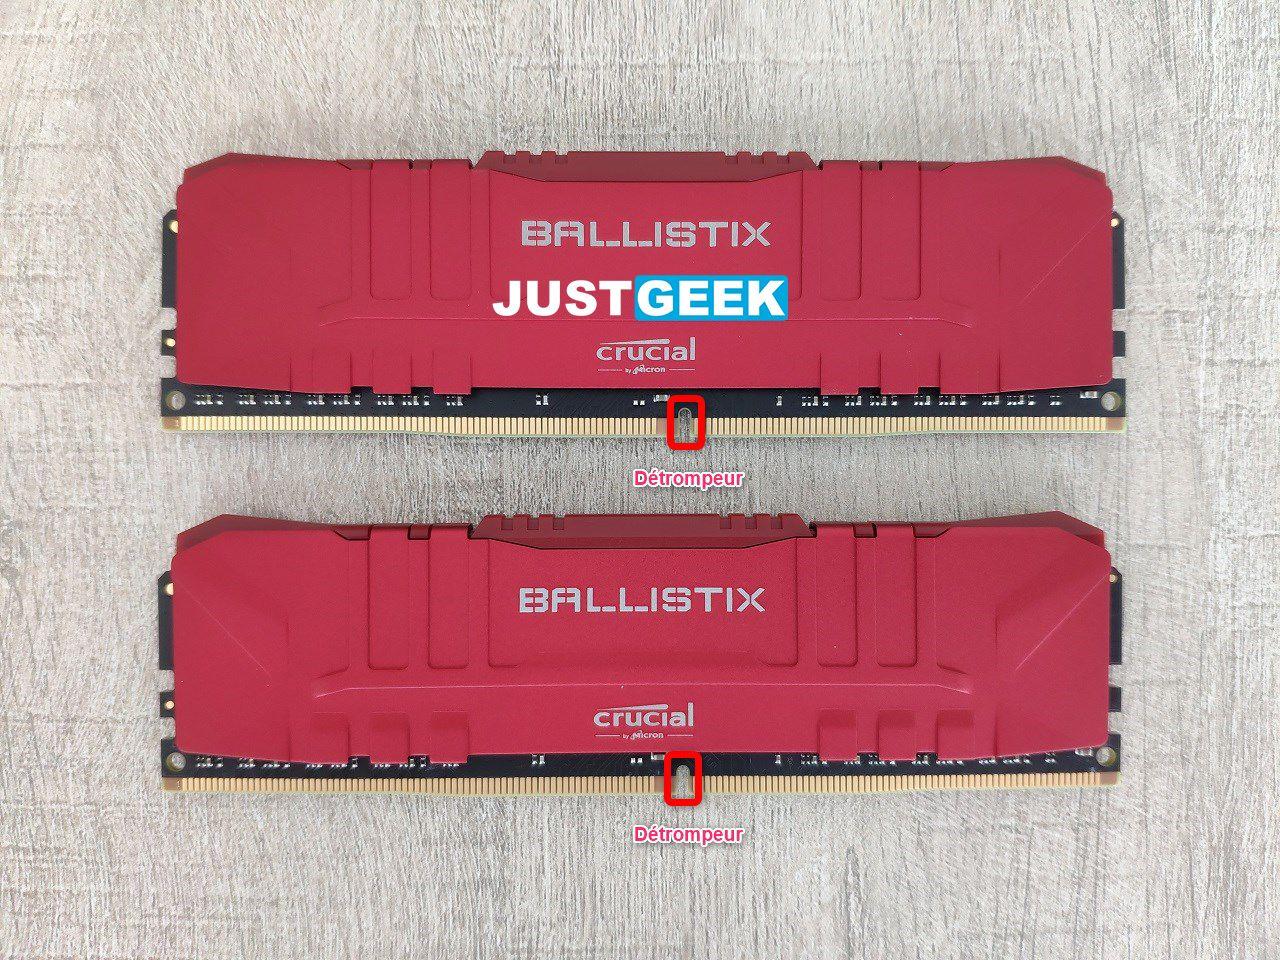 Tutoriel montage PC : Détrompeur d'une barrette de RAM